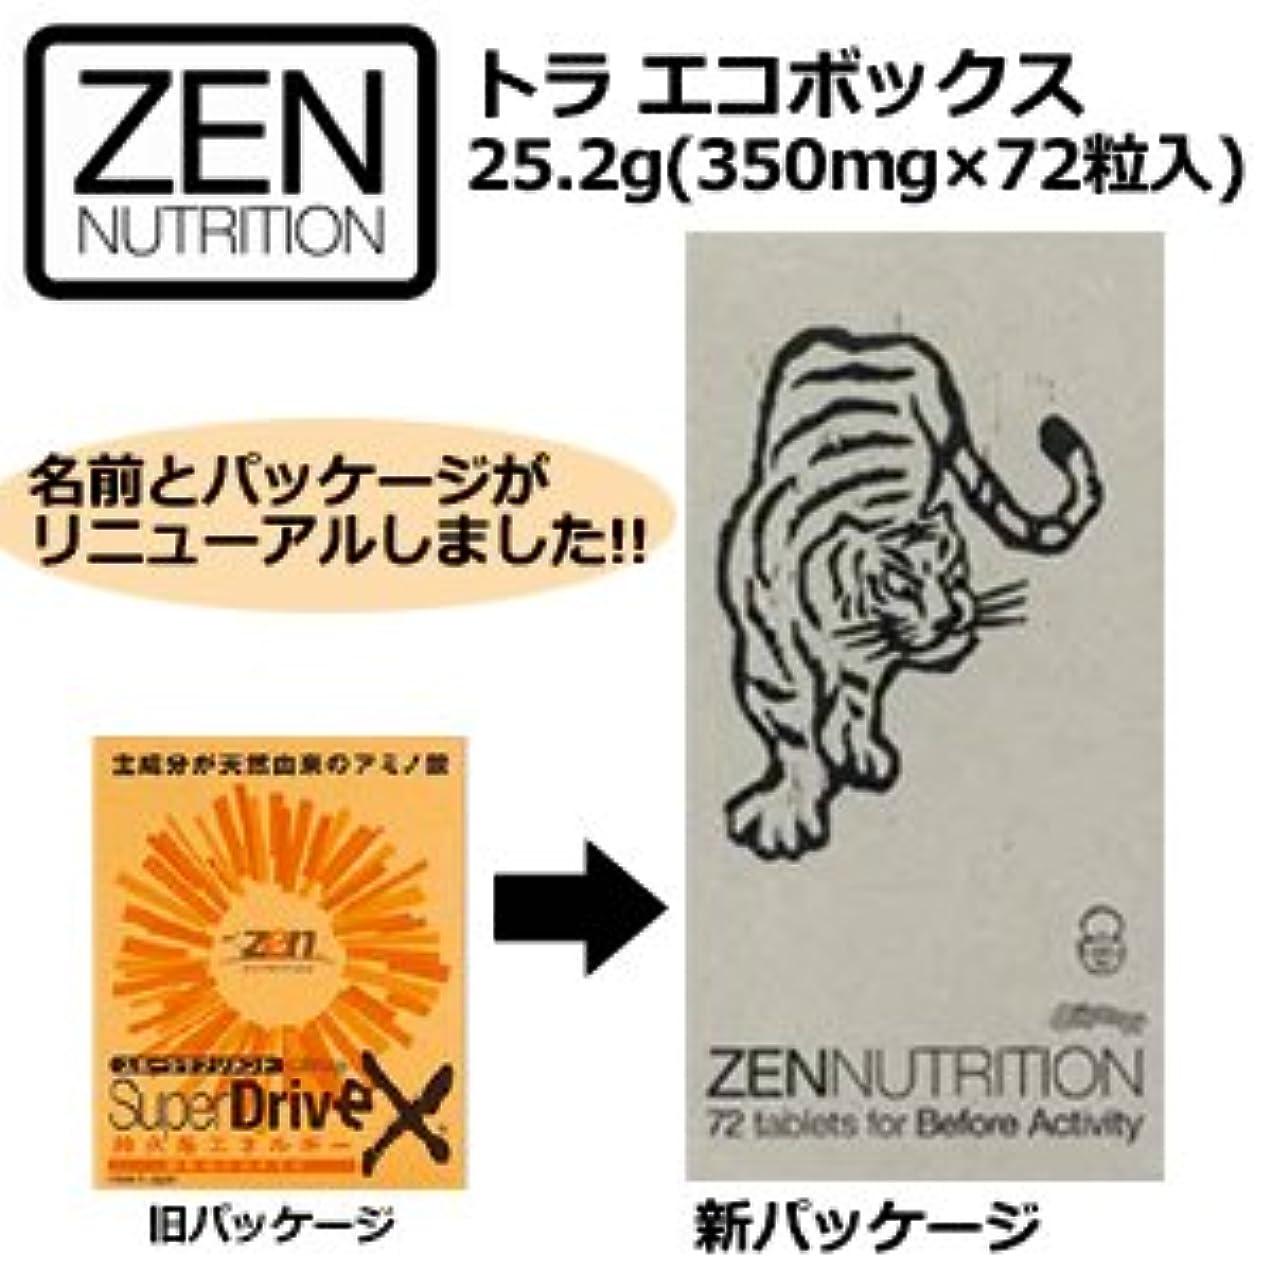 ジュニアモトリー皮肉なZEN ゼン SUPER DRIVE スーパードライブEX 虎 とら サプリメント アミノ酸●トラ エコボックス 25.2g